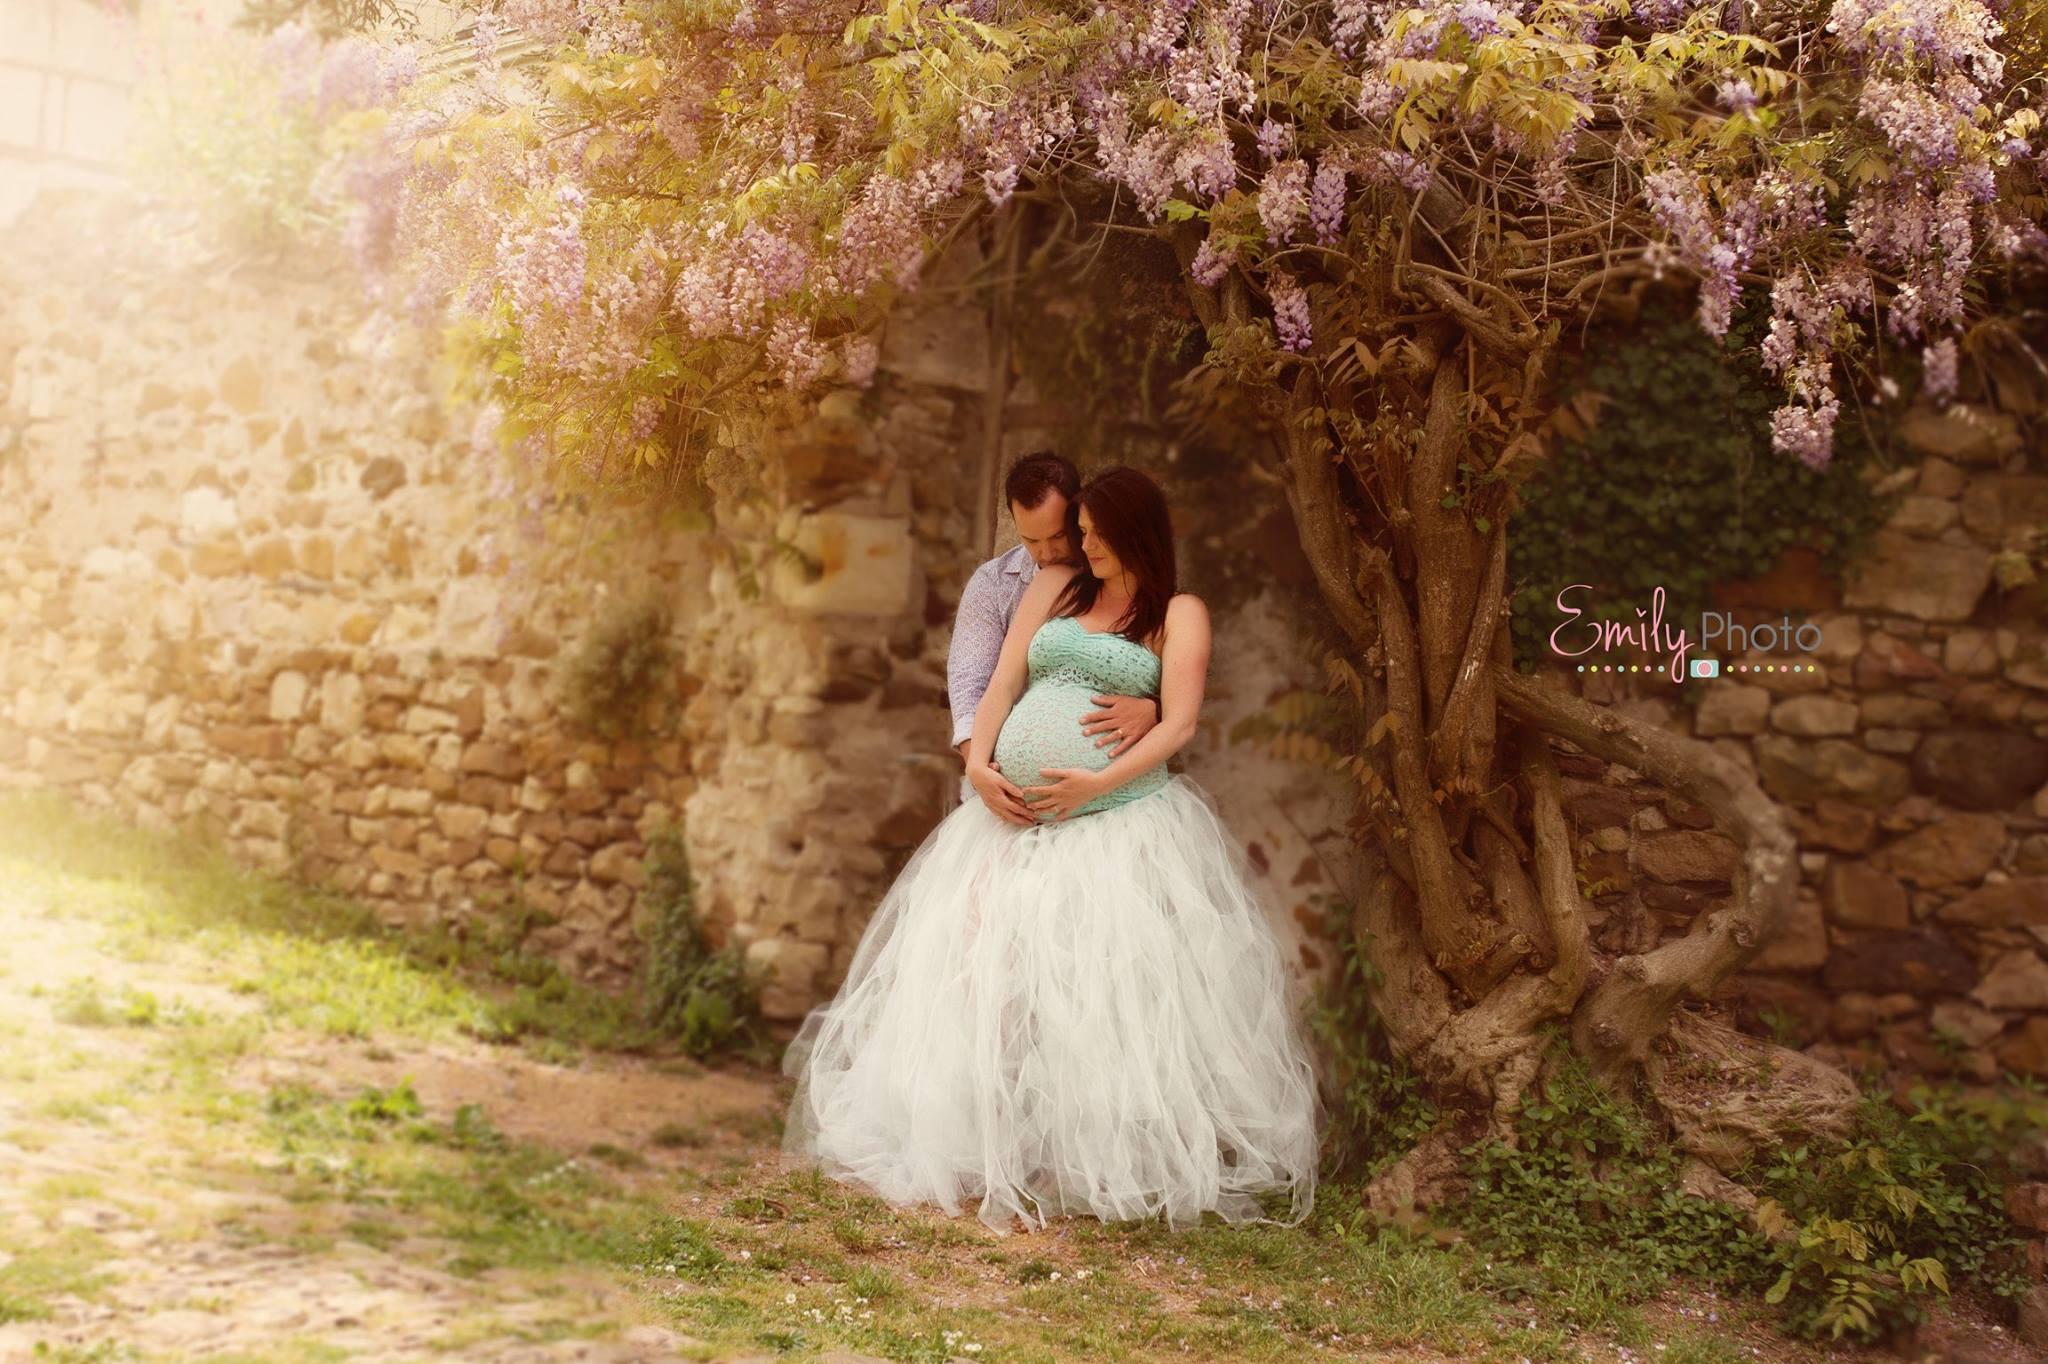 Ensemble Jupon et haut dentelle spécial séance photo grossesse